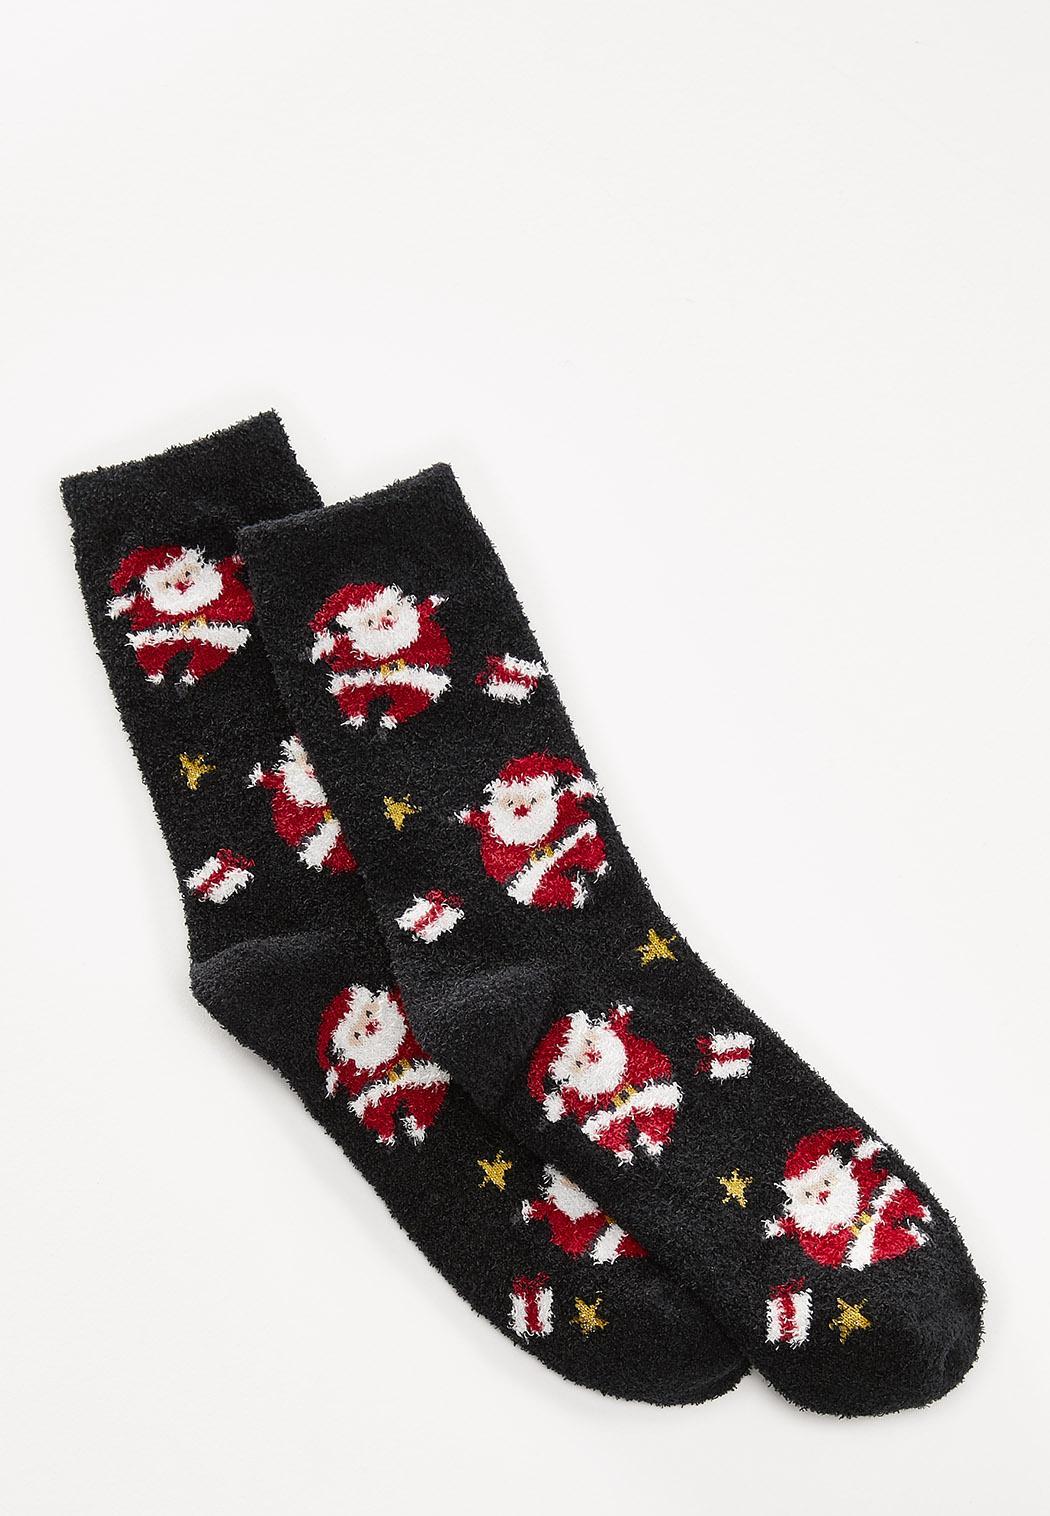 Cozy Santa Socks